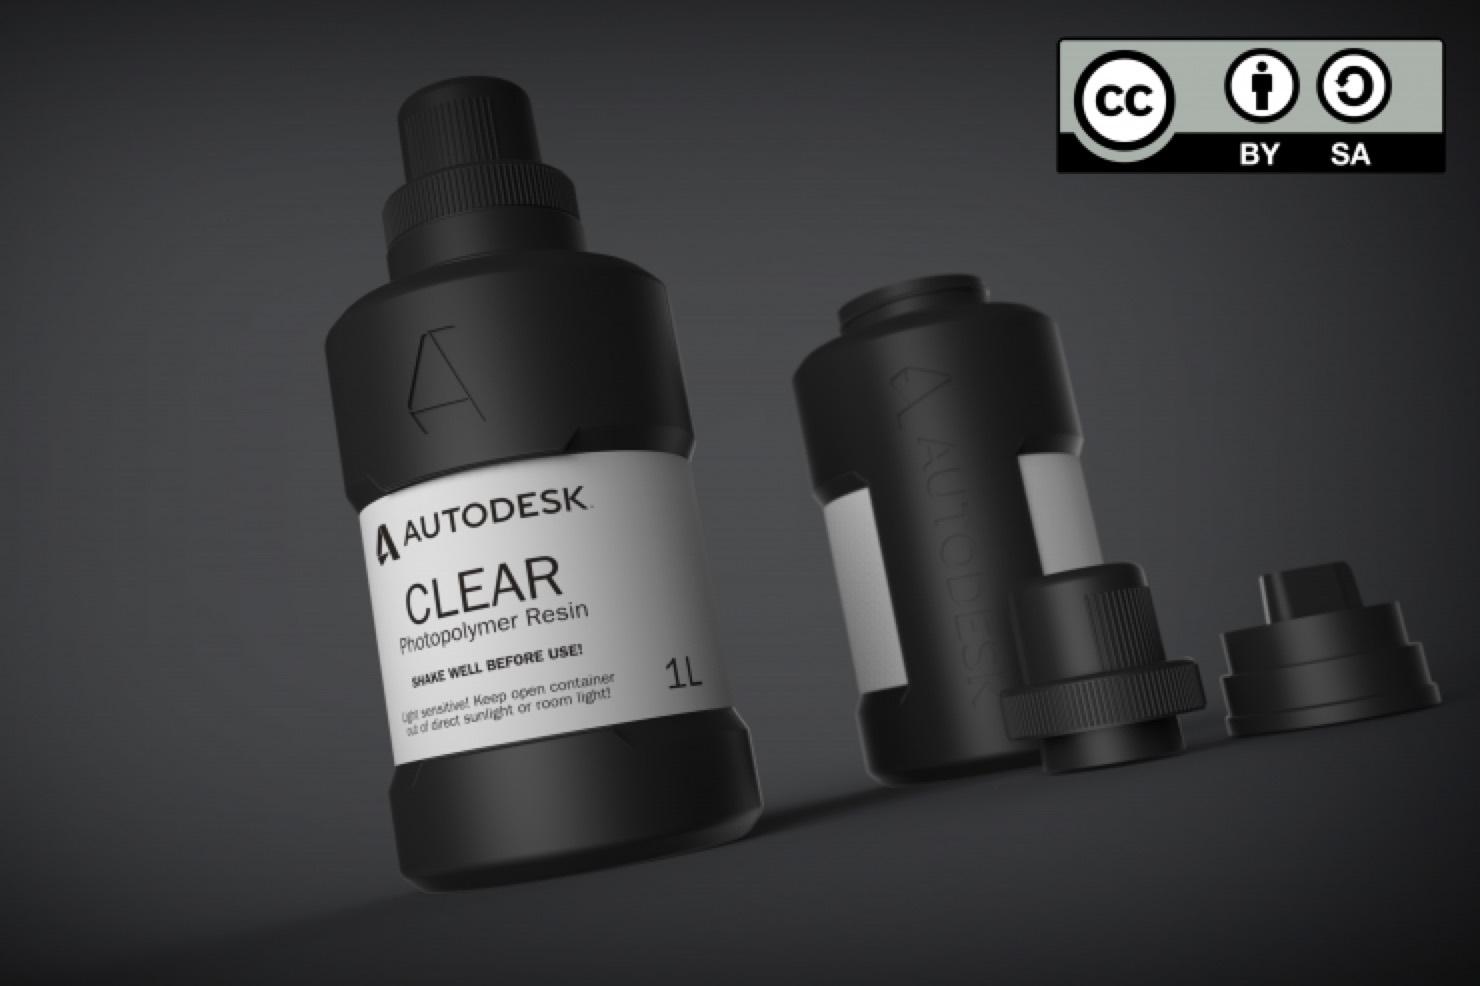 Autodesk Resin